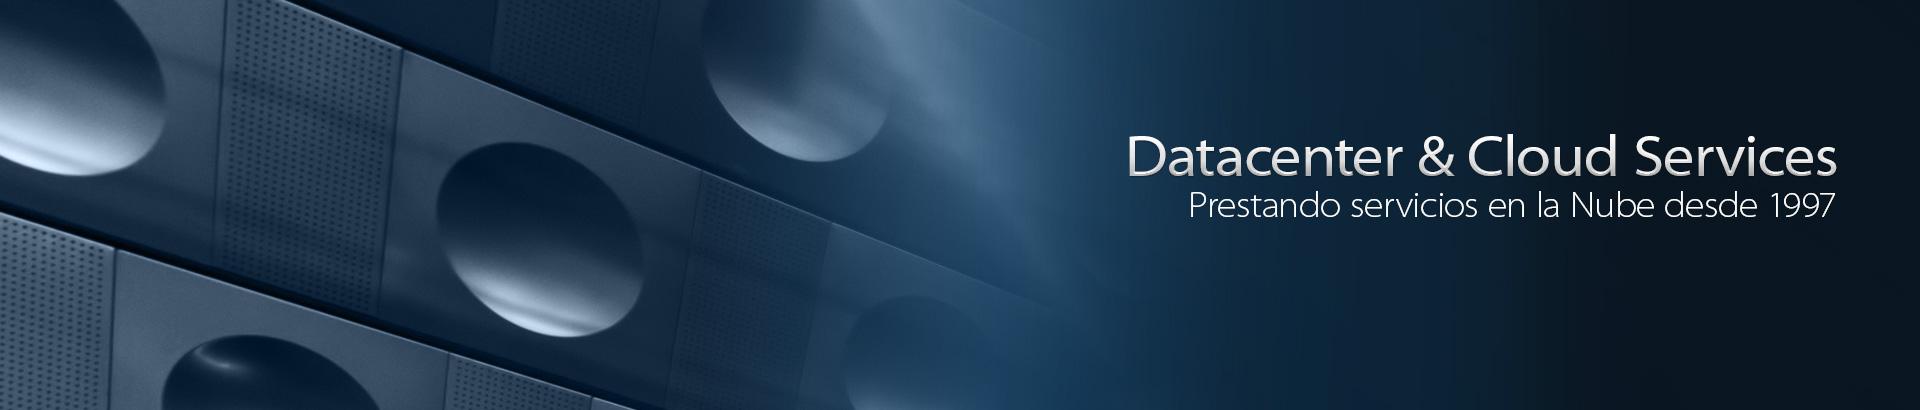 Datacenter & Cloud Services